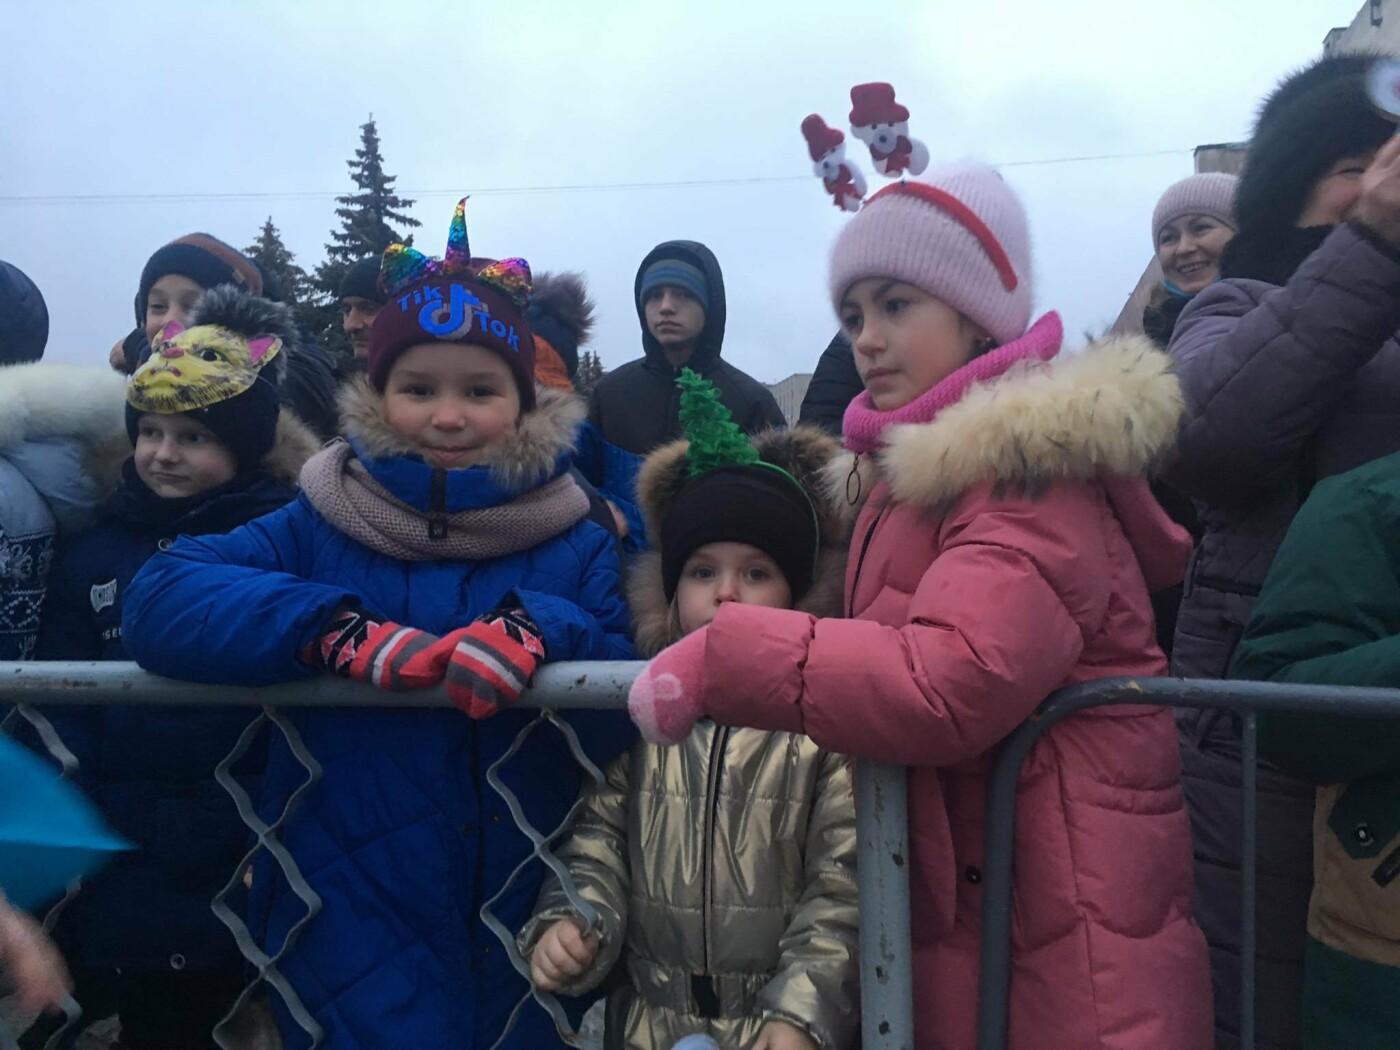 В Лозовой одновременно открыли 2 новогодние ёлки, фото-9